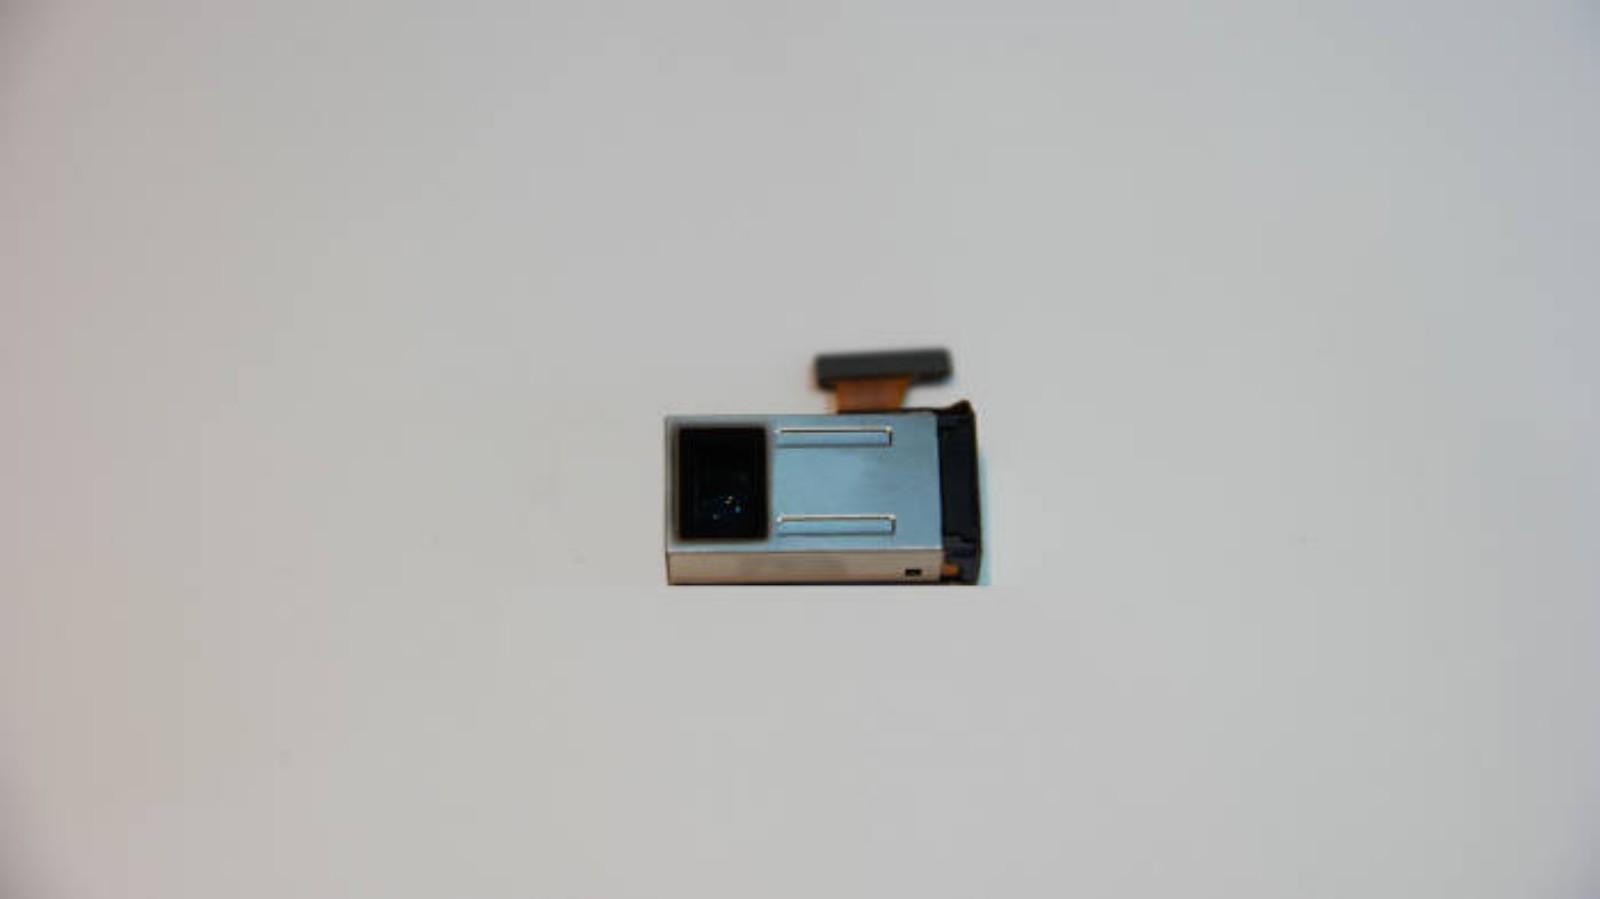 55145 Samsung's New 5x Camera Module Will Slim Down Future Devices